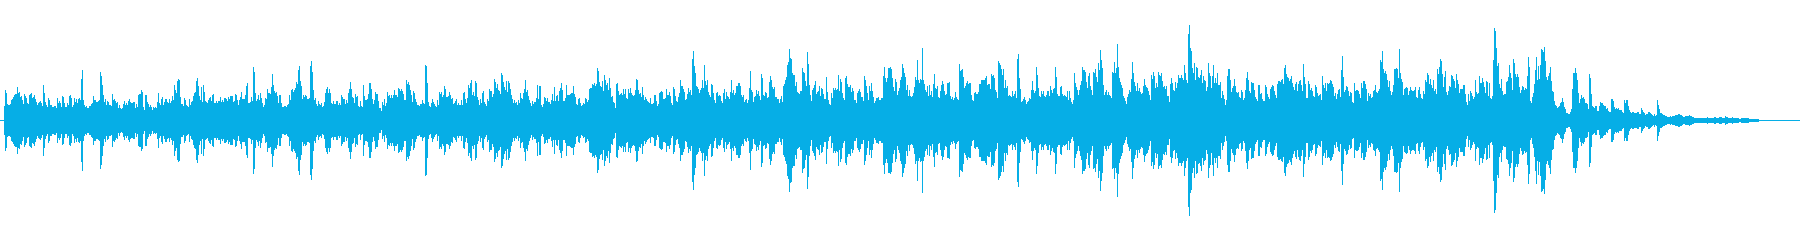 異空間のような浮遊感あるピアノ楽曲の再生済みの波形